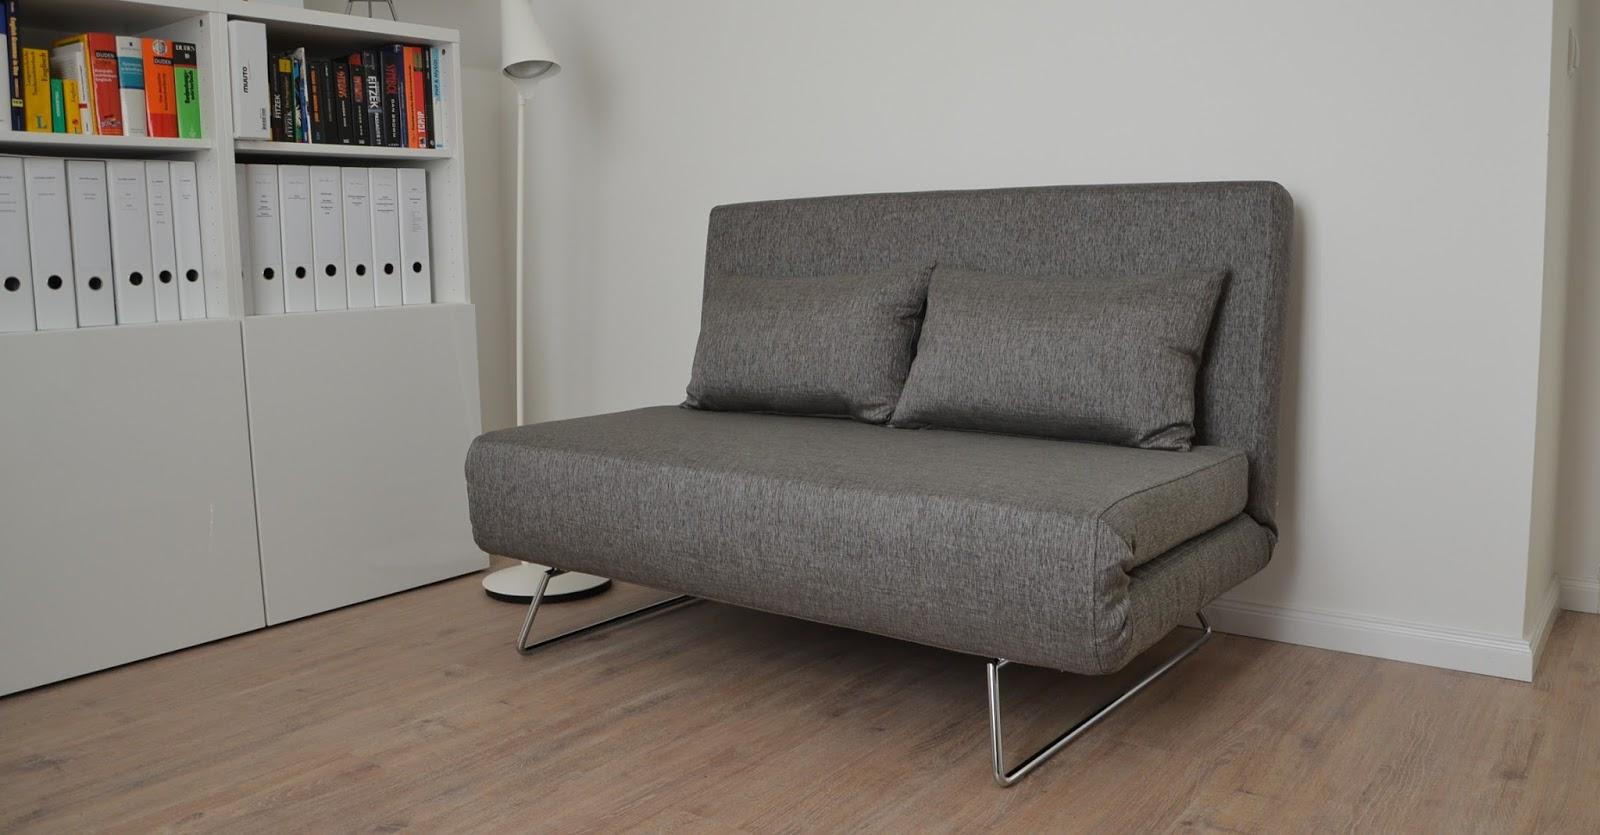 aus b wird hvl inneneinrichtung. Black Bedroom Furniture Sets. Home Design Ideas